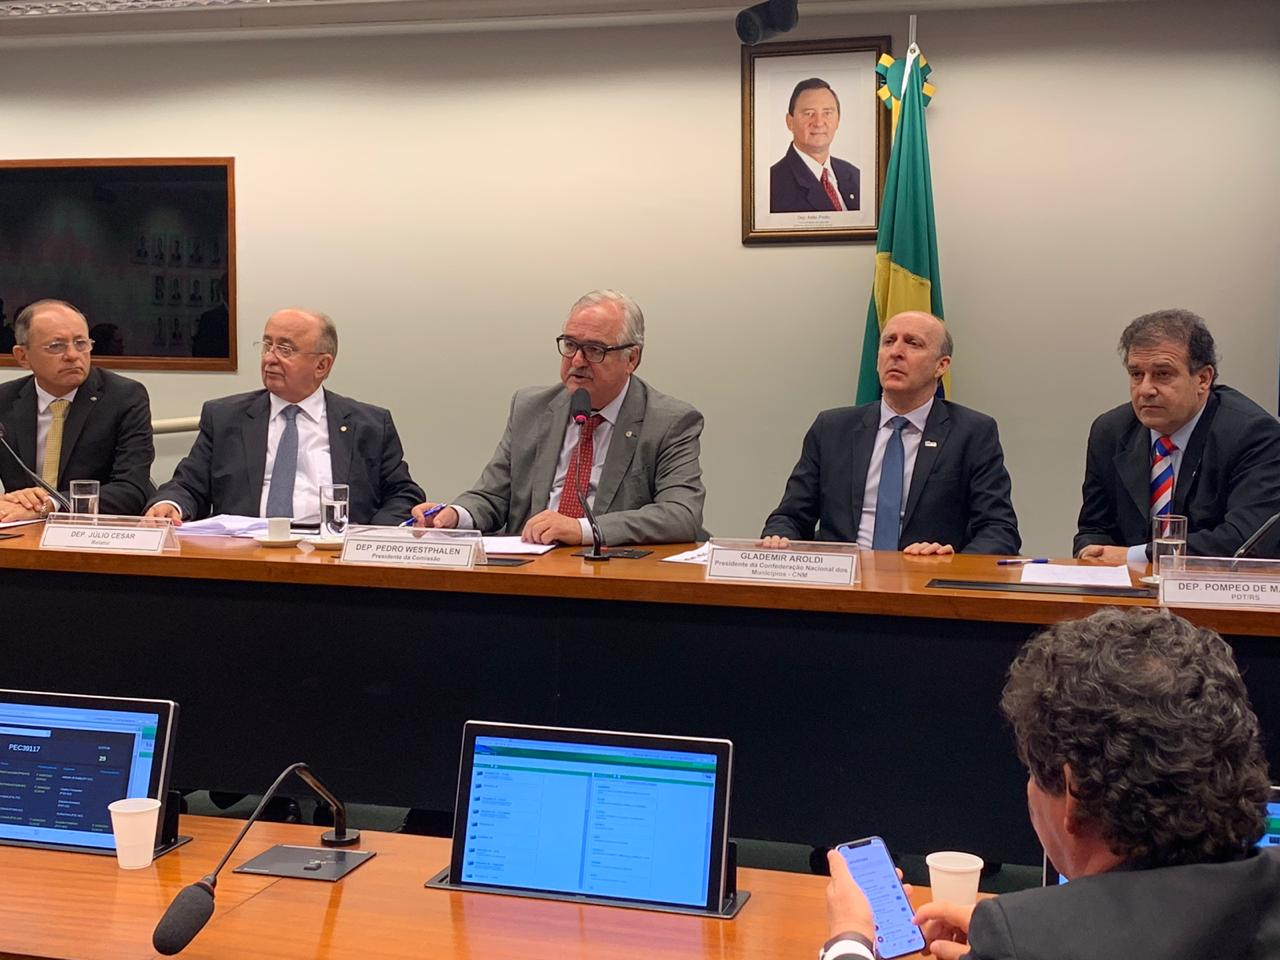 Comissão especial aprova PEC do 1% do FPM e CNM acredita em aval do Congresso antes do recesso